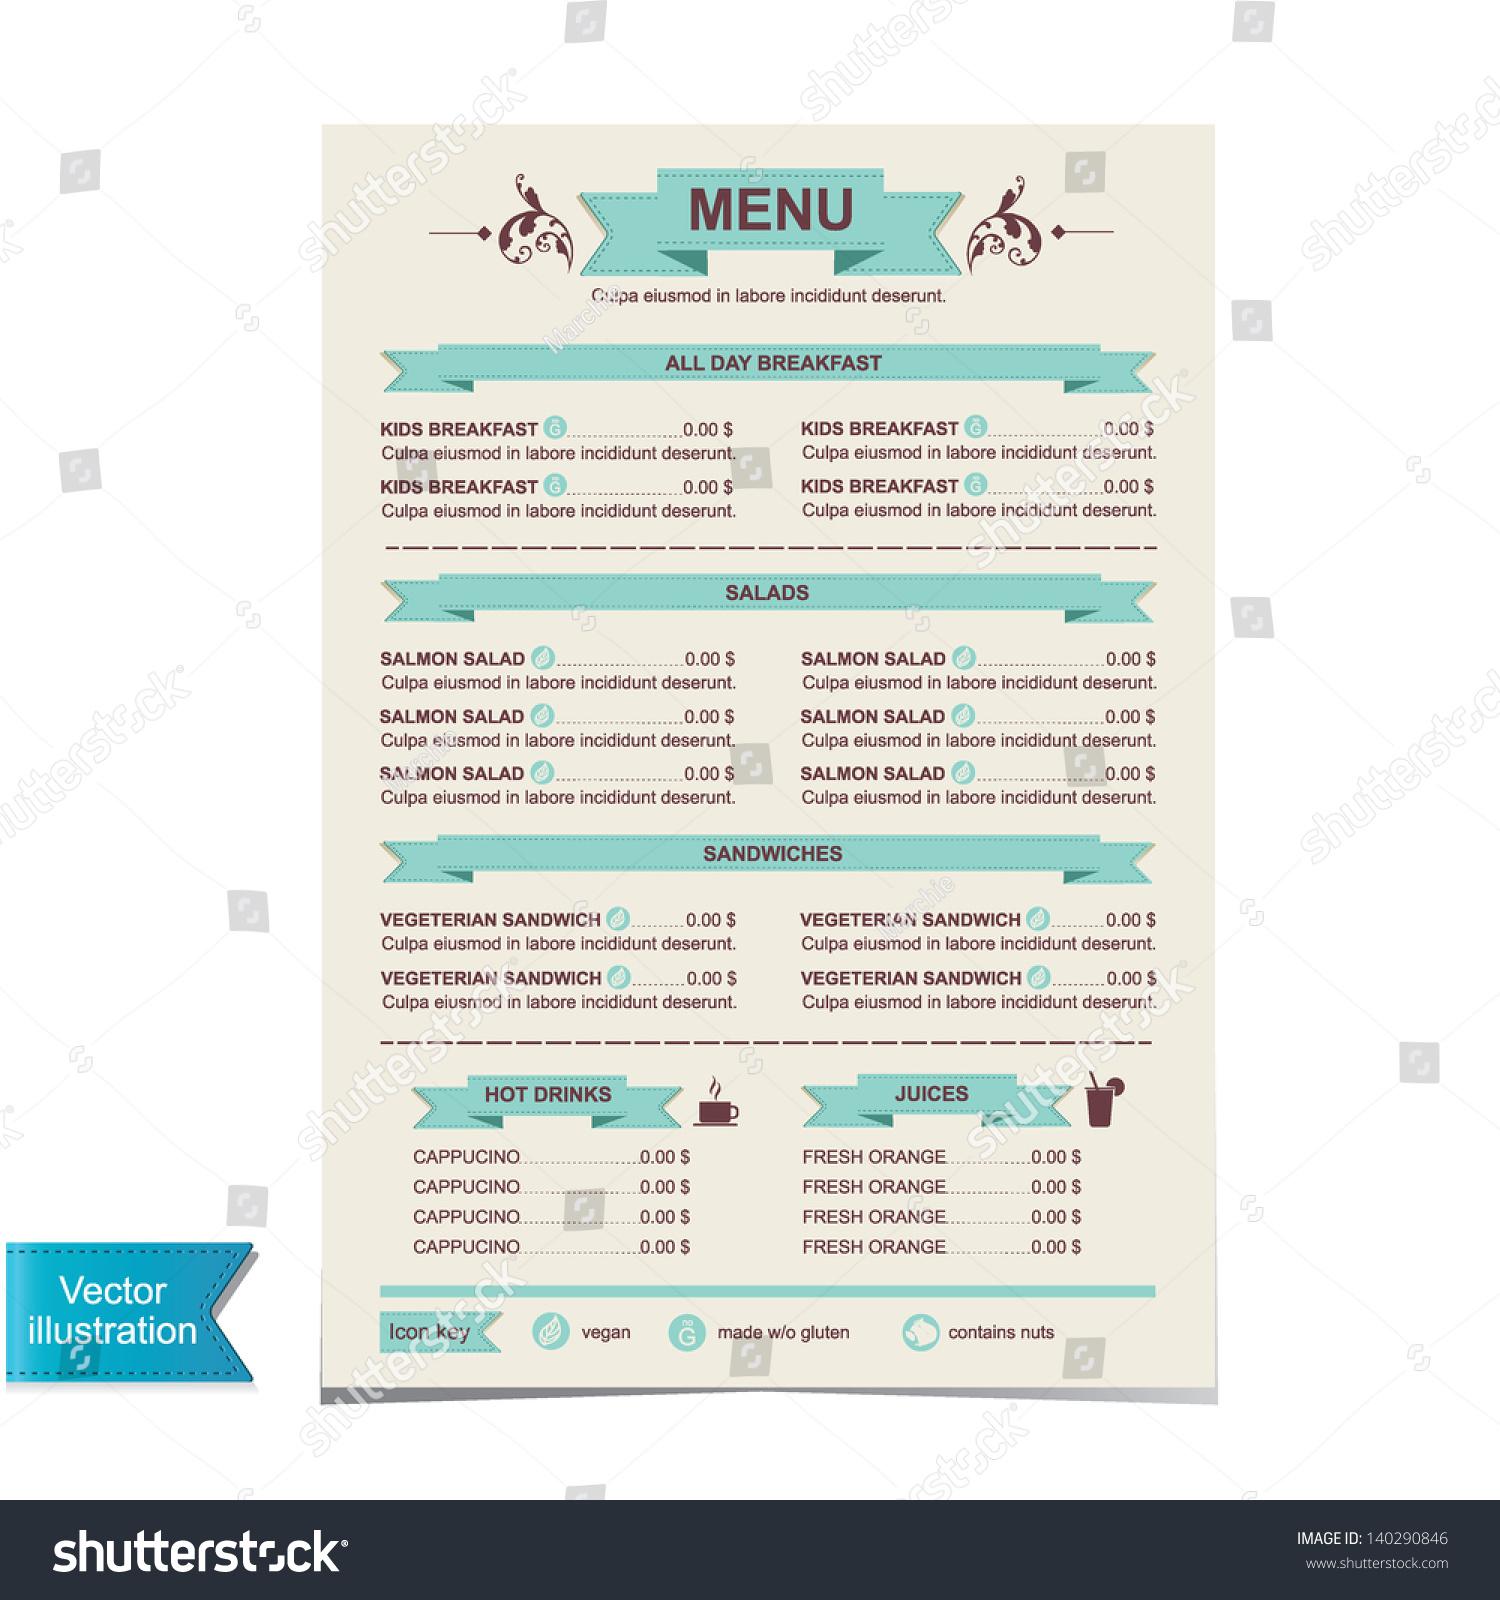 cafe menu template design vector illustration のベクター画像素材